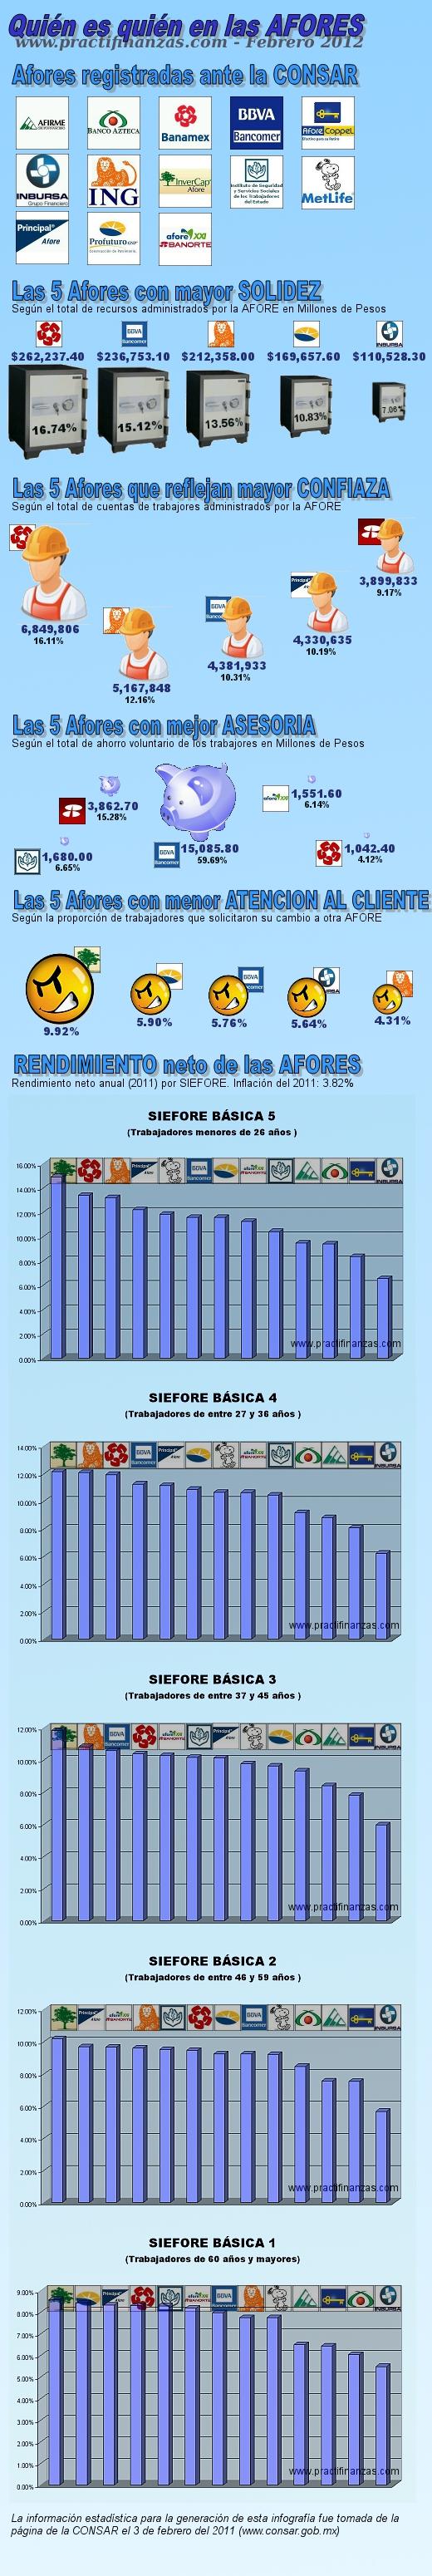 Infografía – Quién es quién en las AFORES (Febrero 2012)